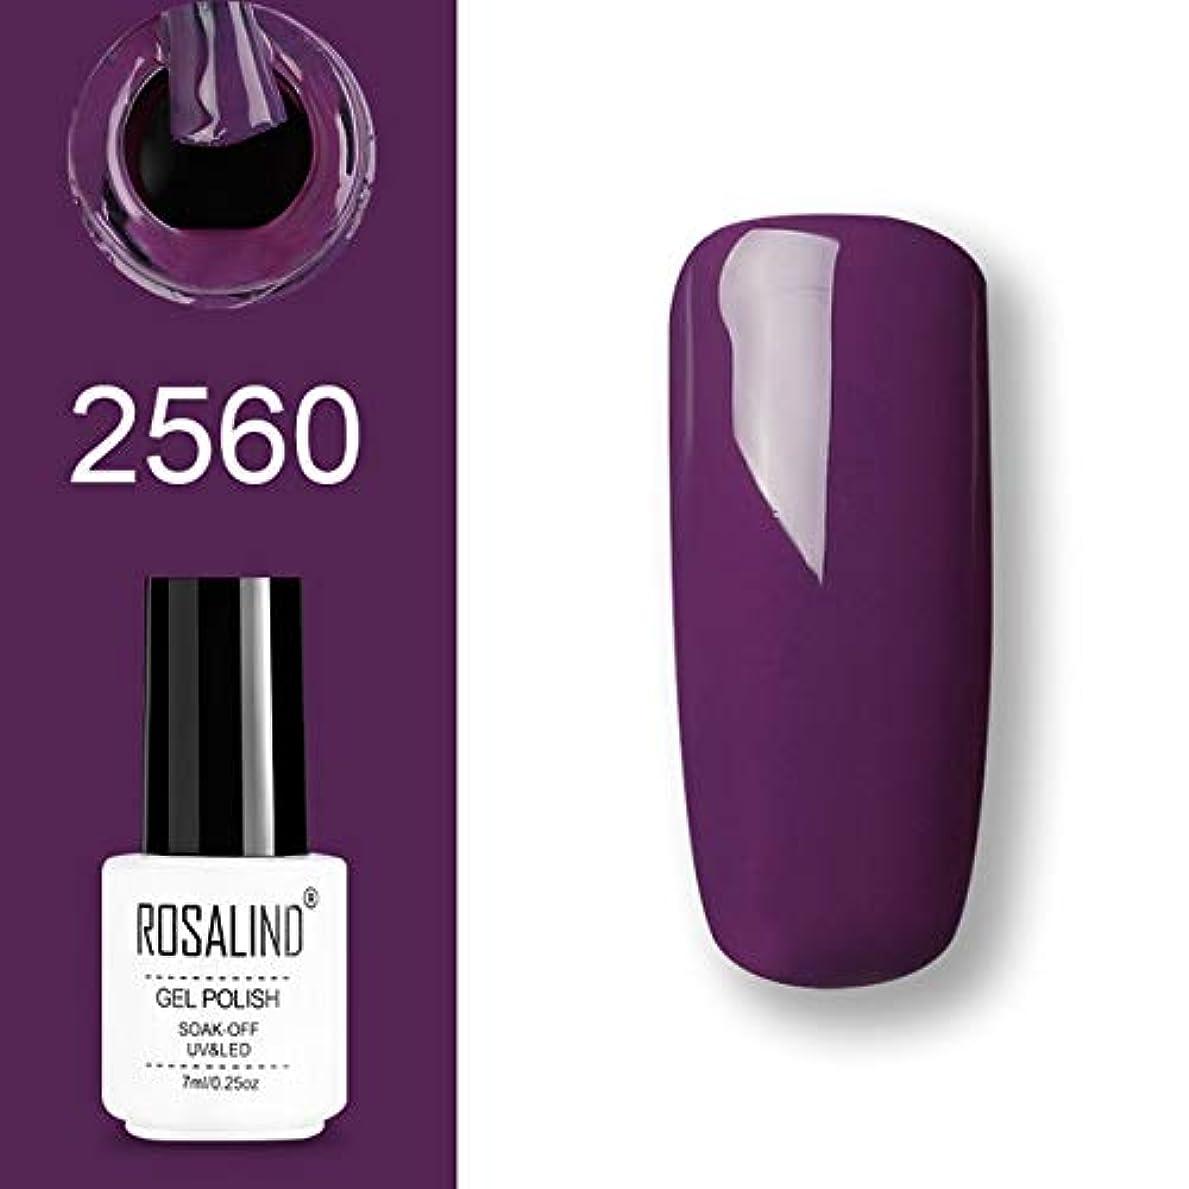 一握り特定の寸前ファッションアイテム ROSALINDジェルポリッシュセットUVセミパーマネントプライマートップコートポリジェルニスネイルアートマニキュアジェル、容量:7ml 2560。 環境に優しいマニキュア